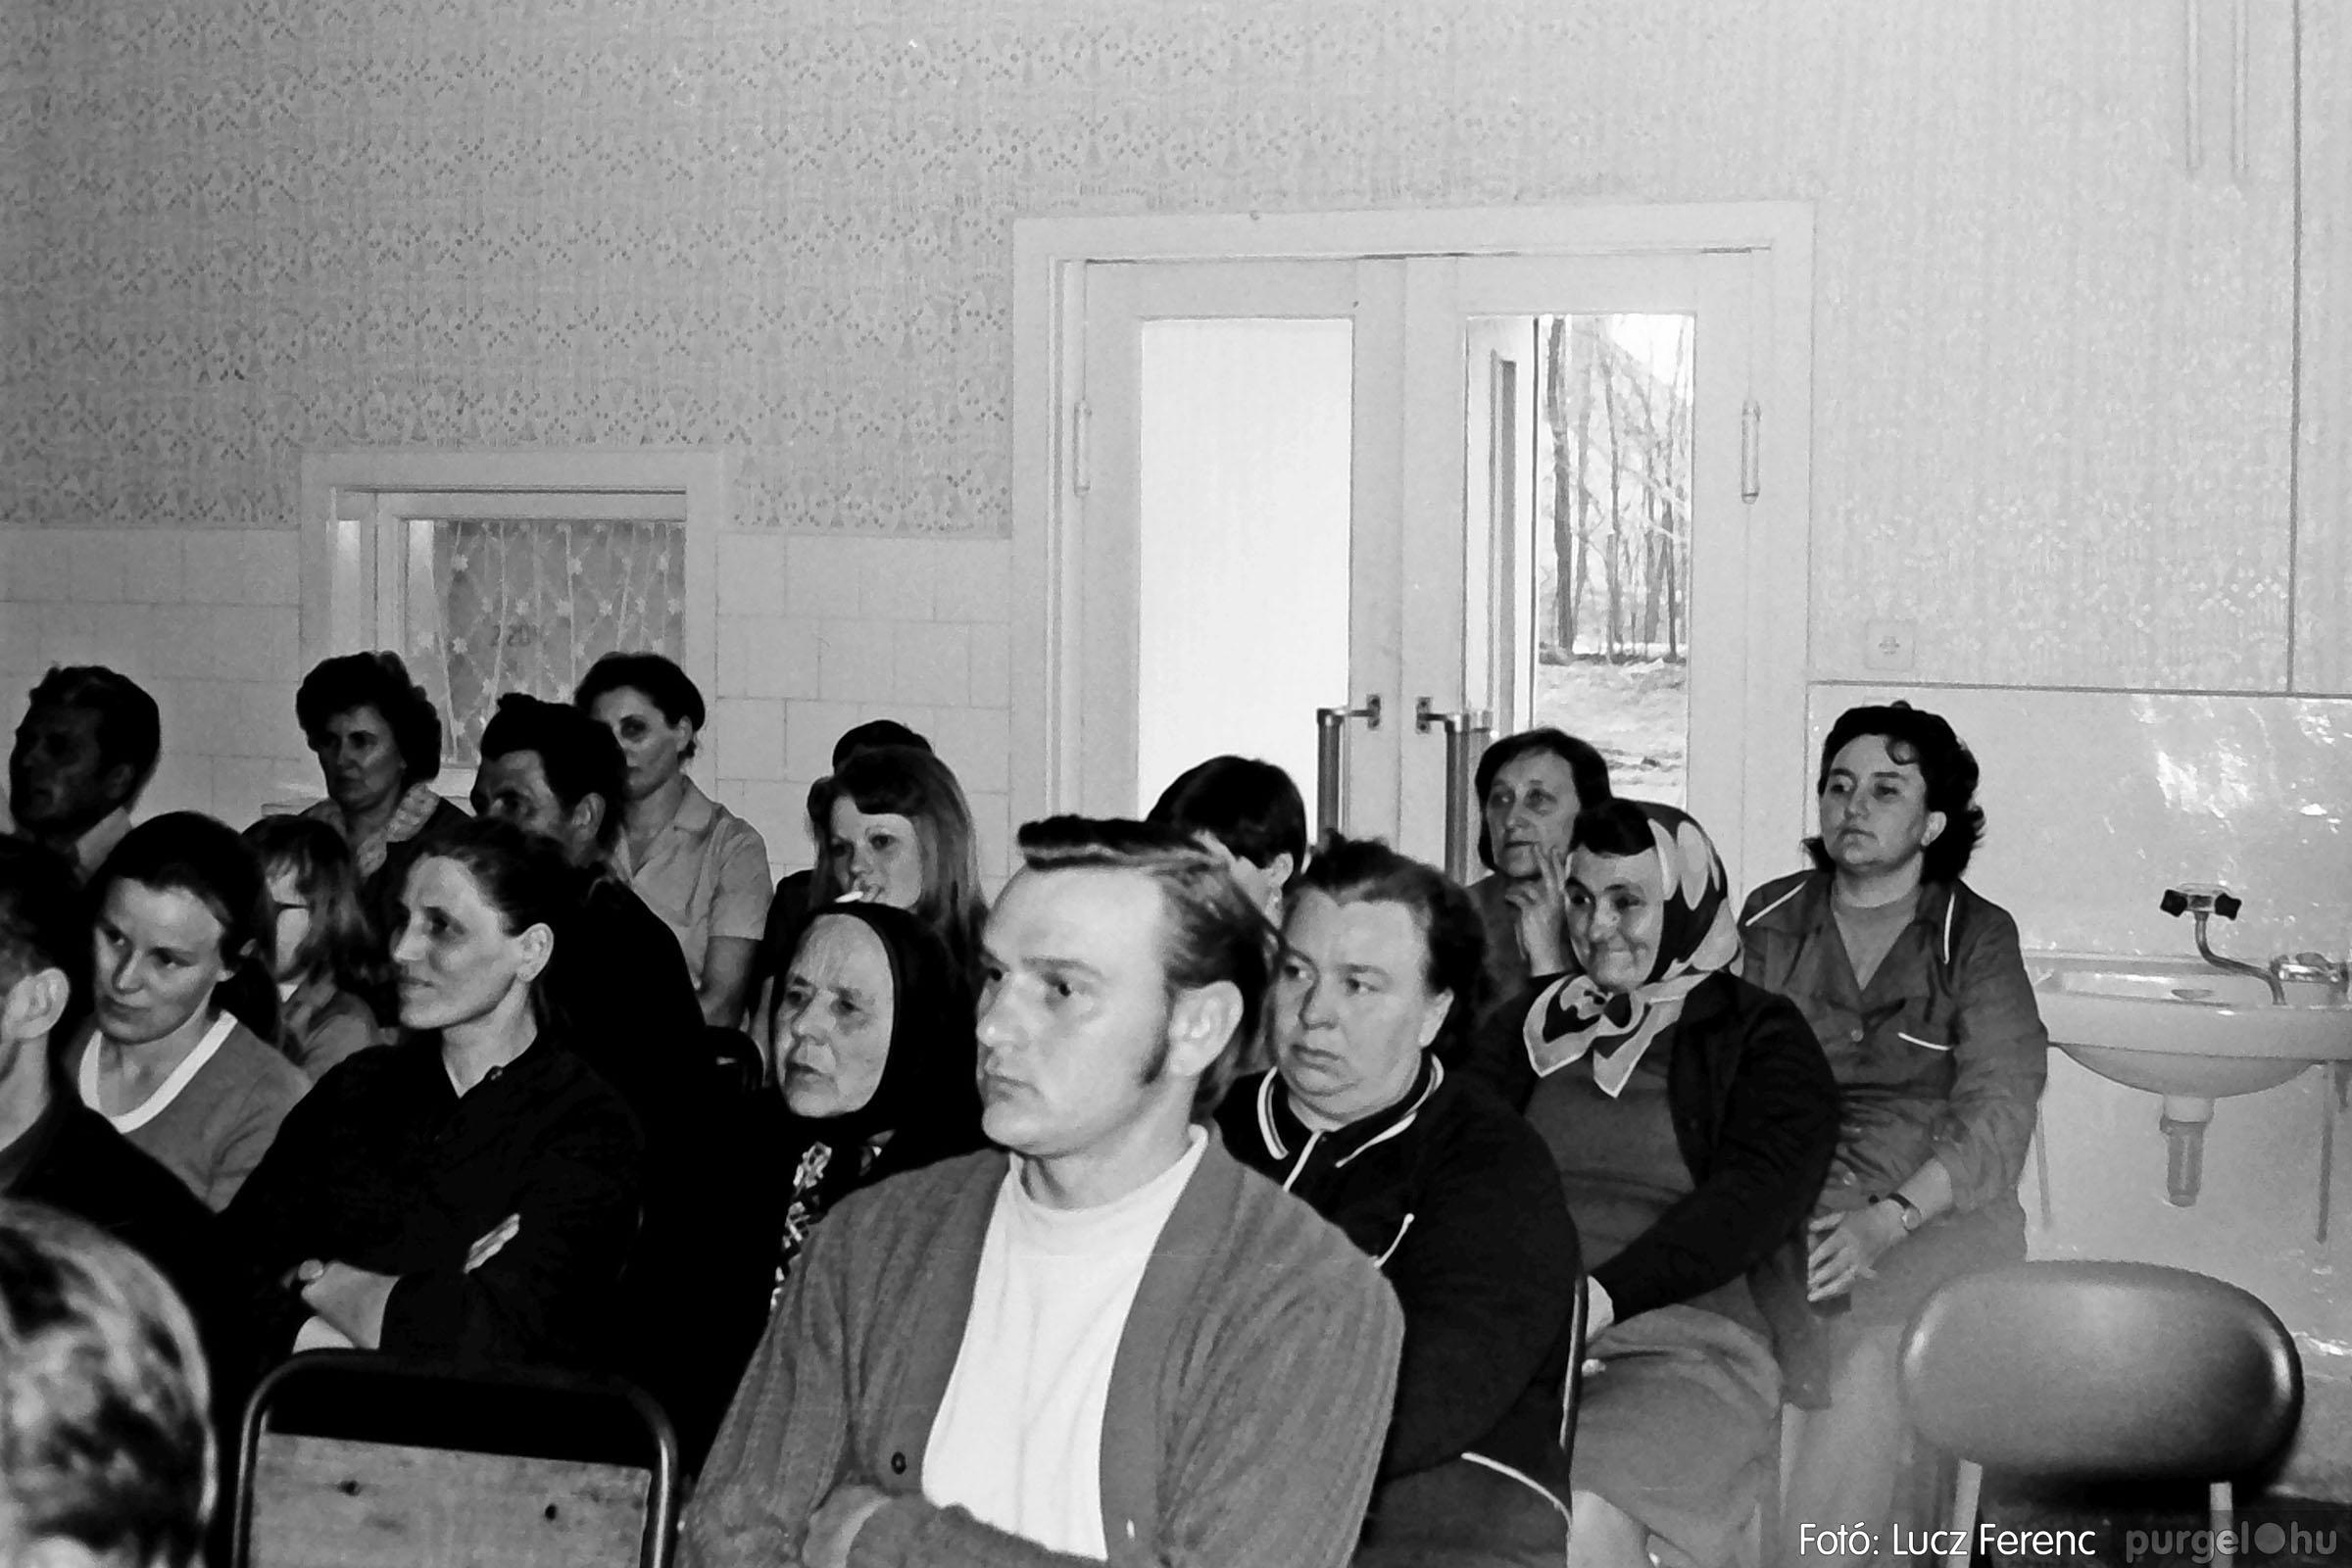 038. 1976. Ünnepség a kendergyárban 020. - Fotó: Lucz Ferenc.jpg